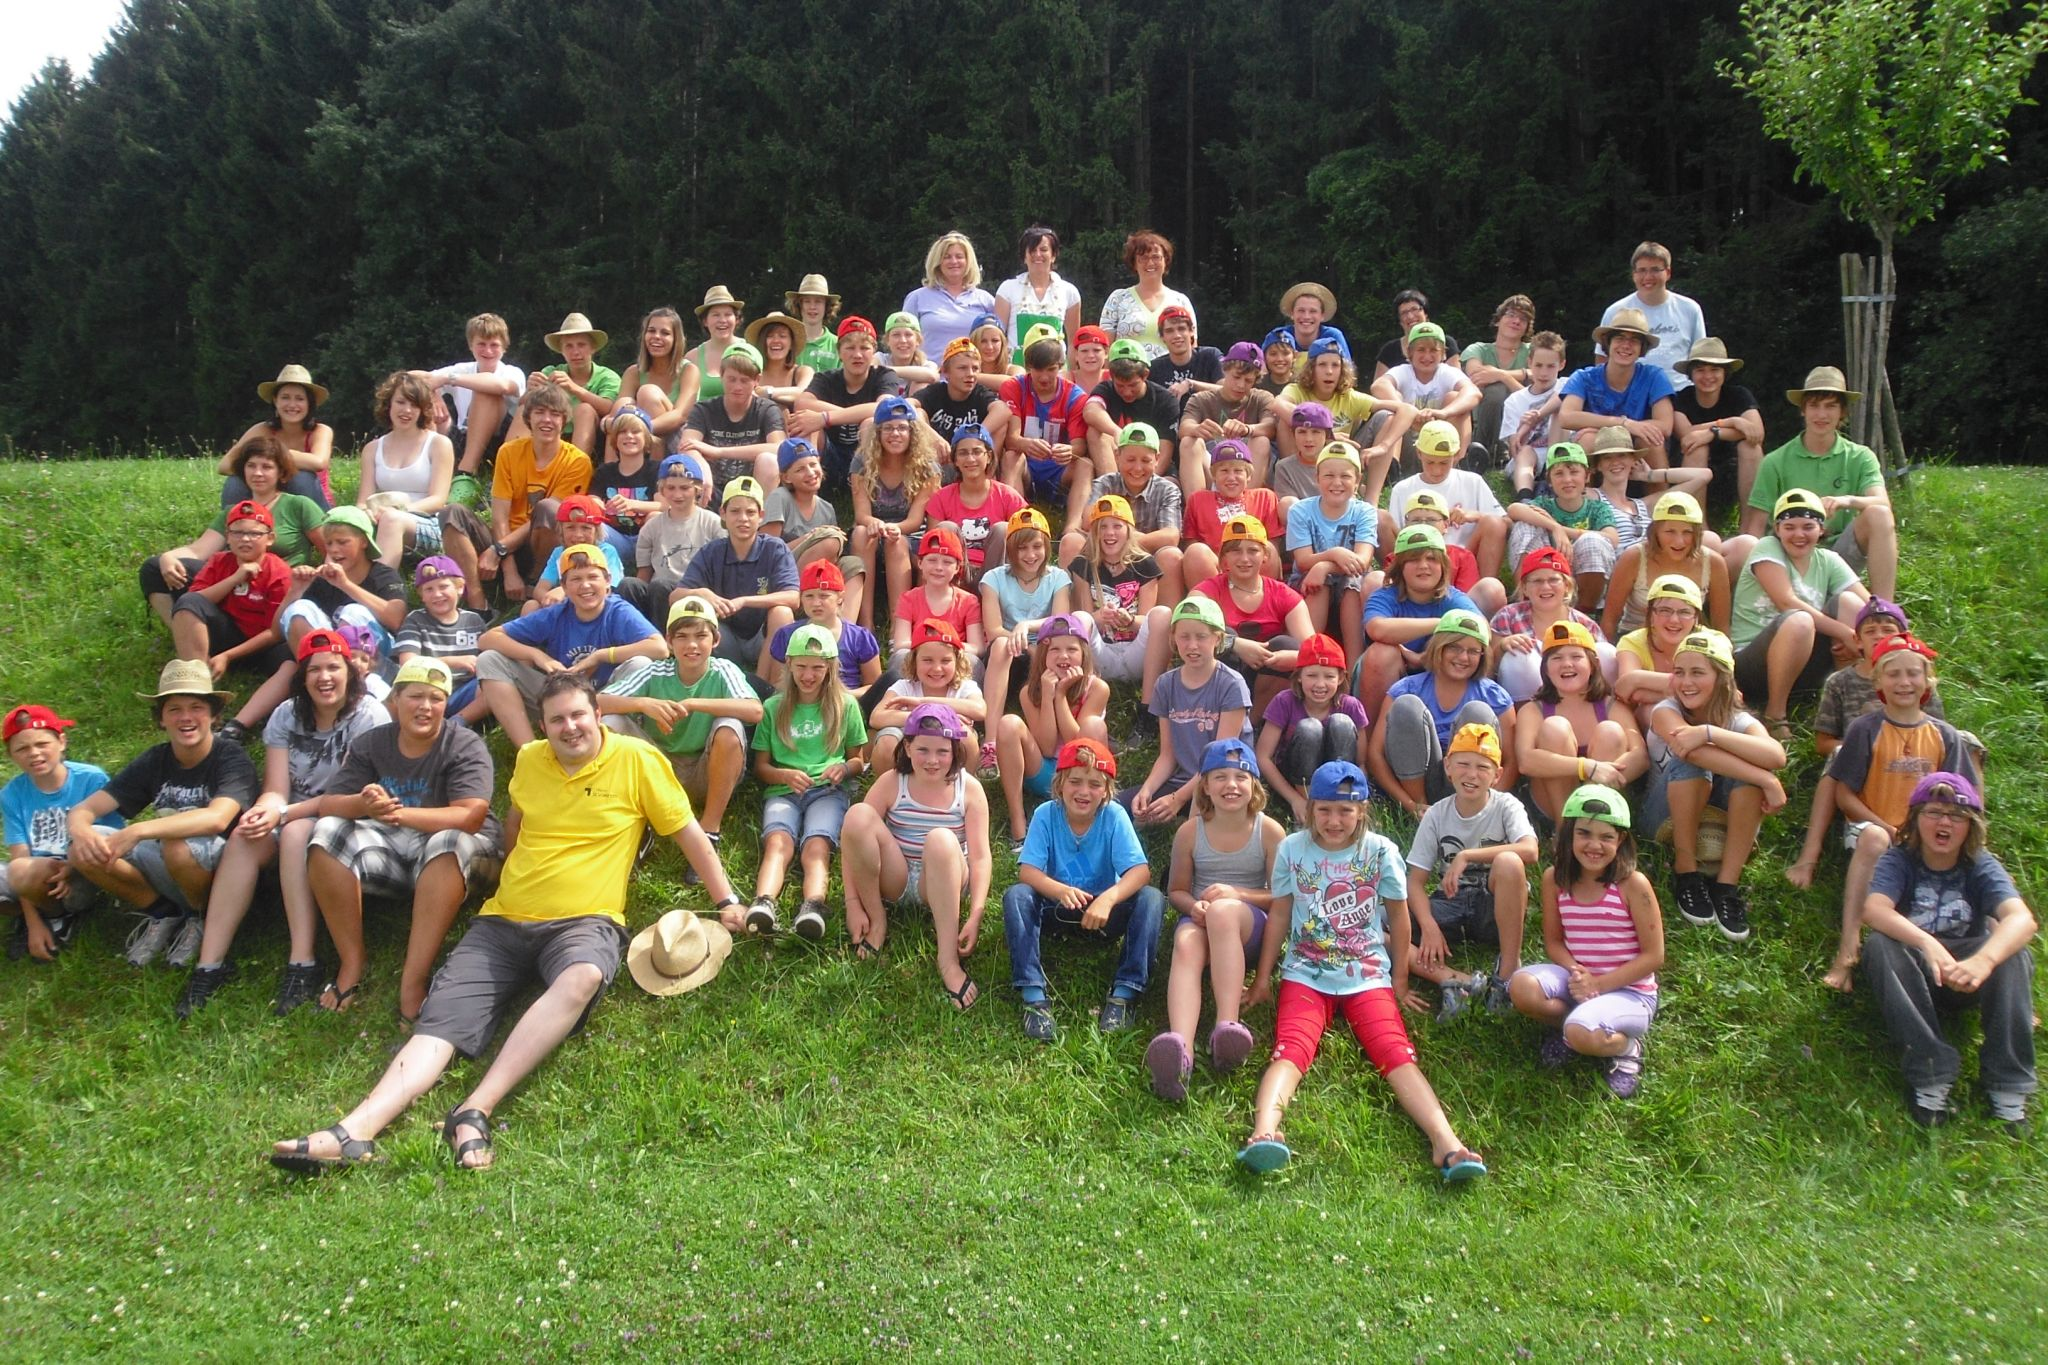 Lagergruppenfoto2010